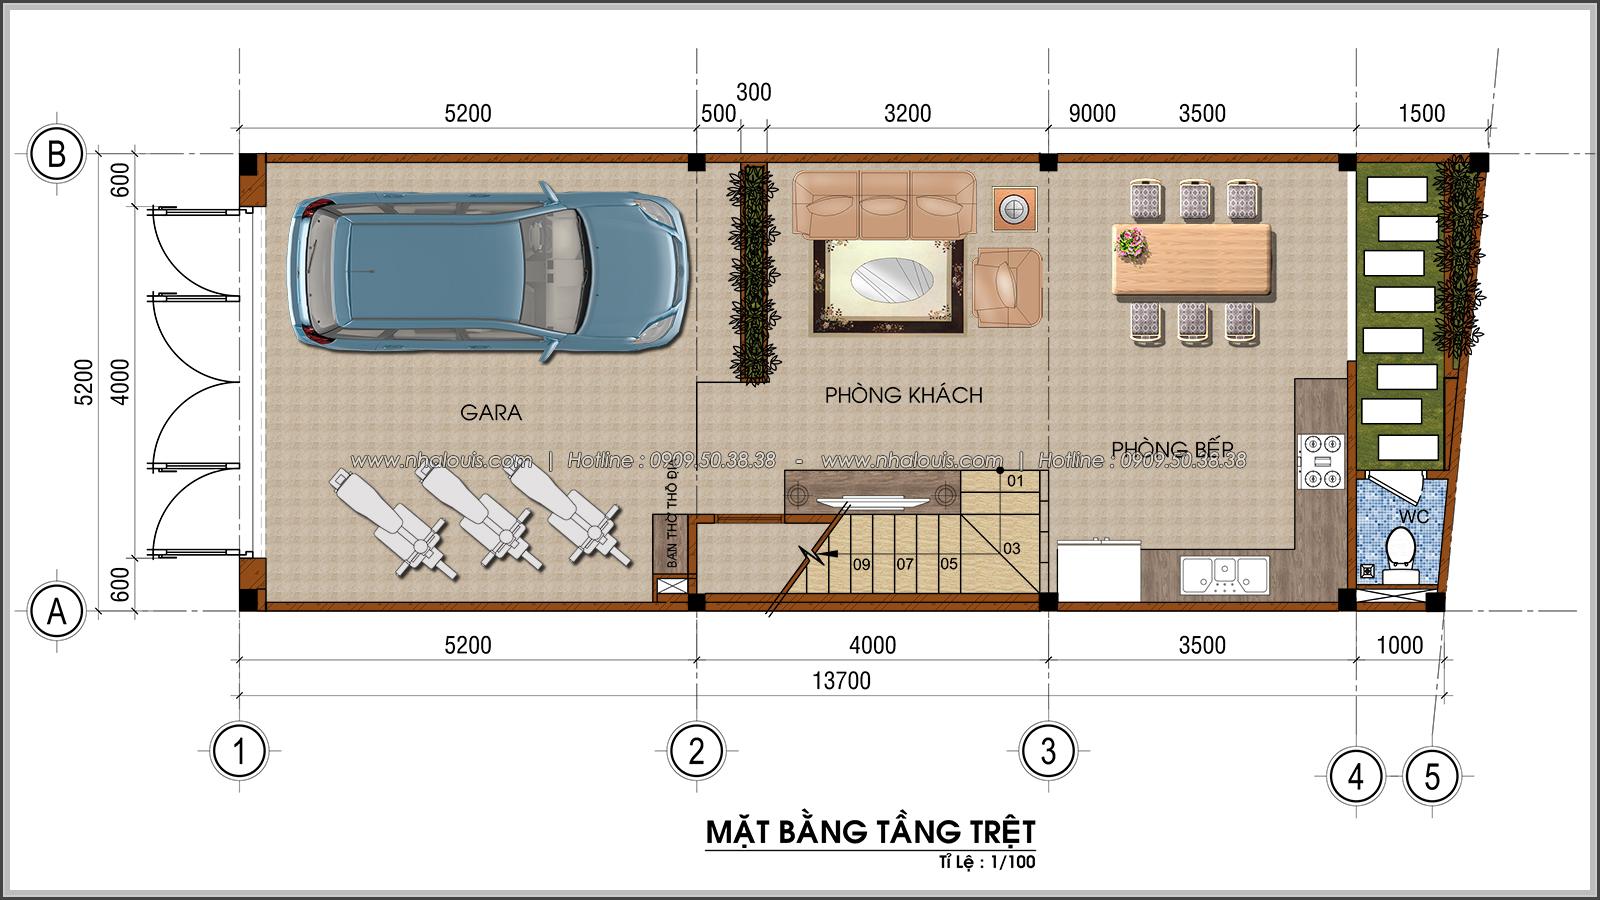 Thiết kế nhà ống 4 tầng tại Tân Bình mặt tiền 5m có gara ô tô tiện lợi - 03